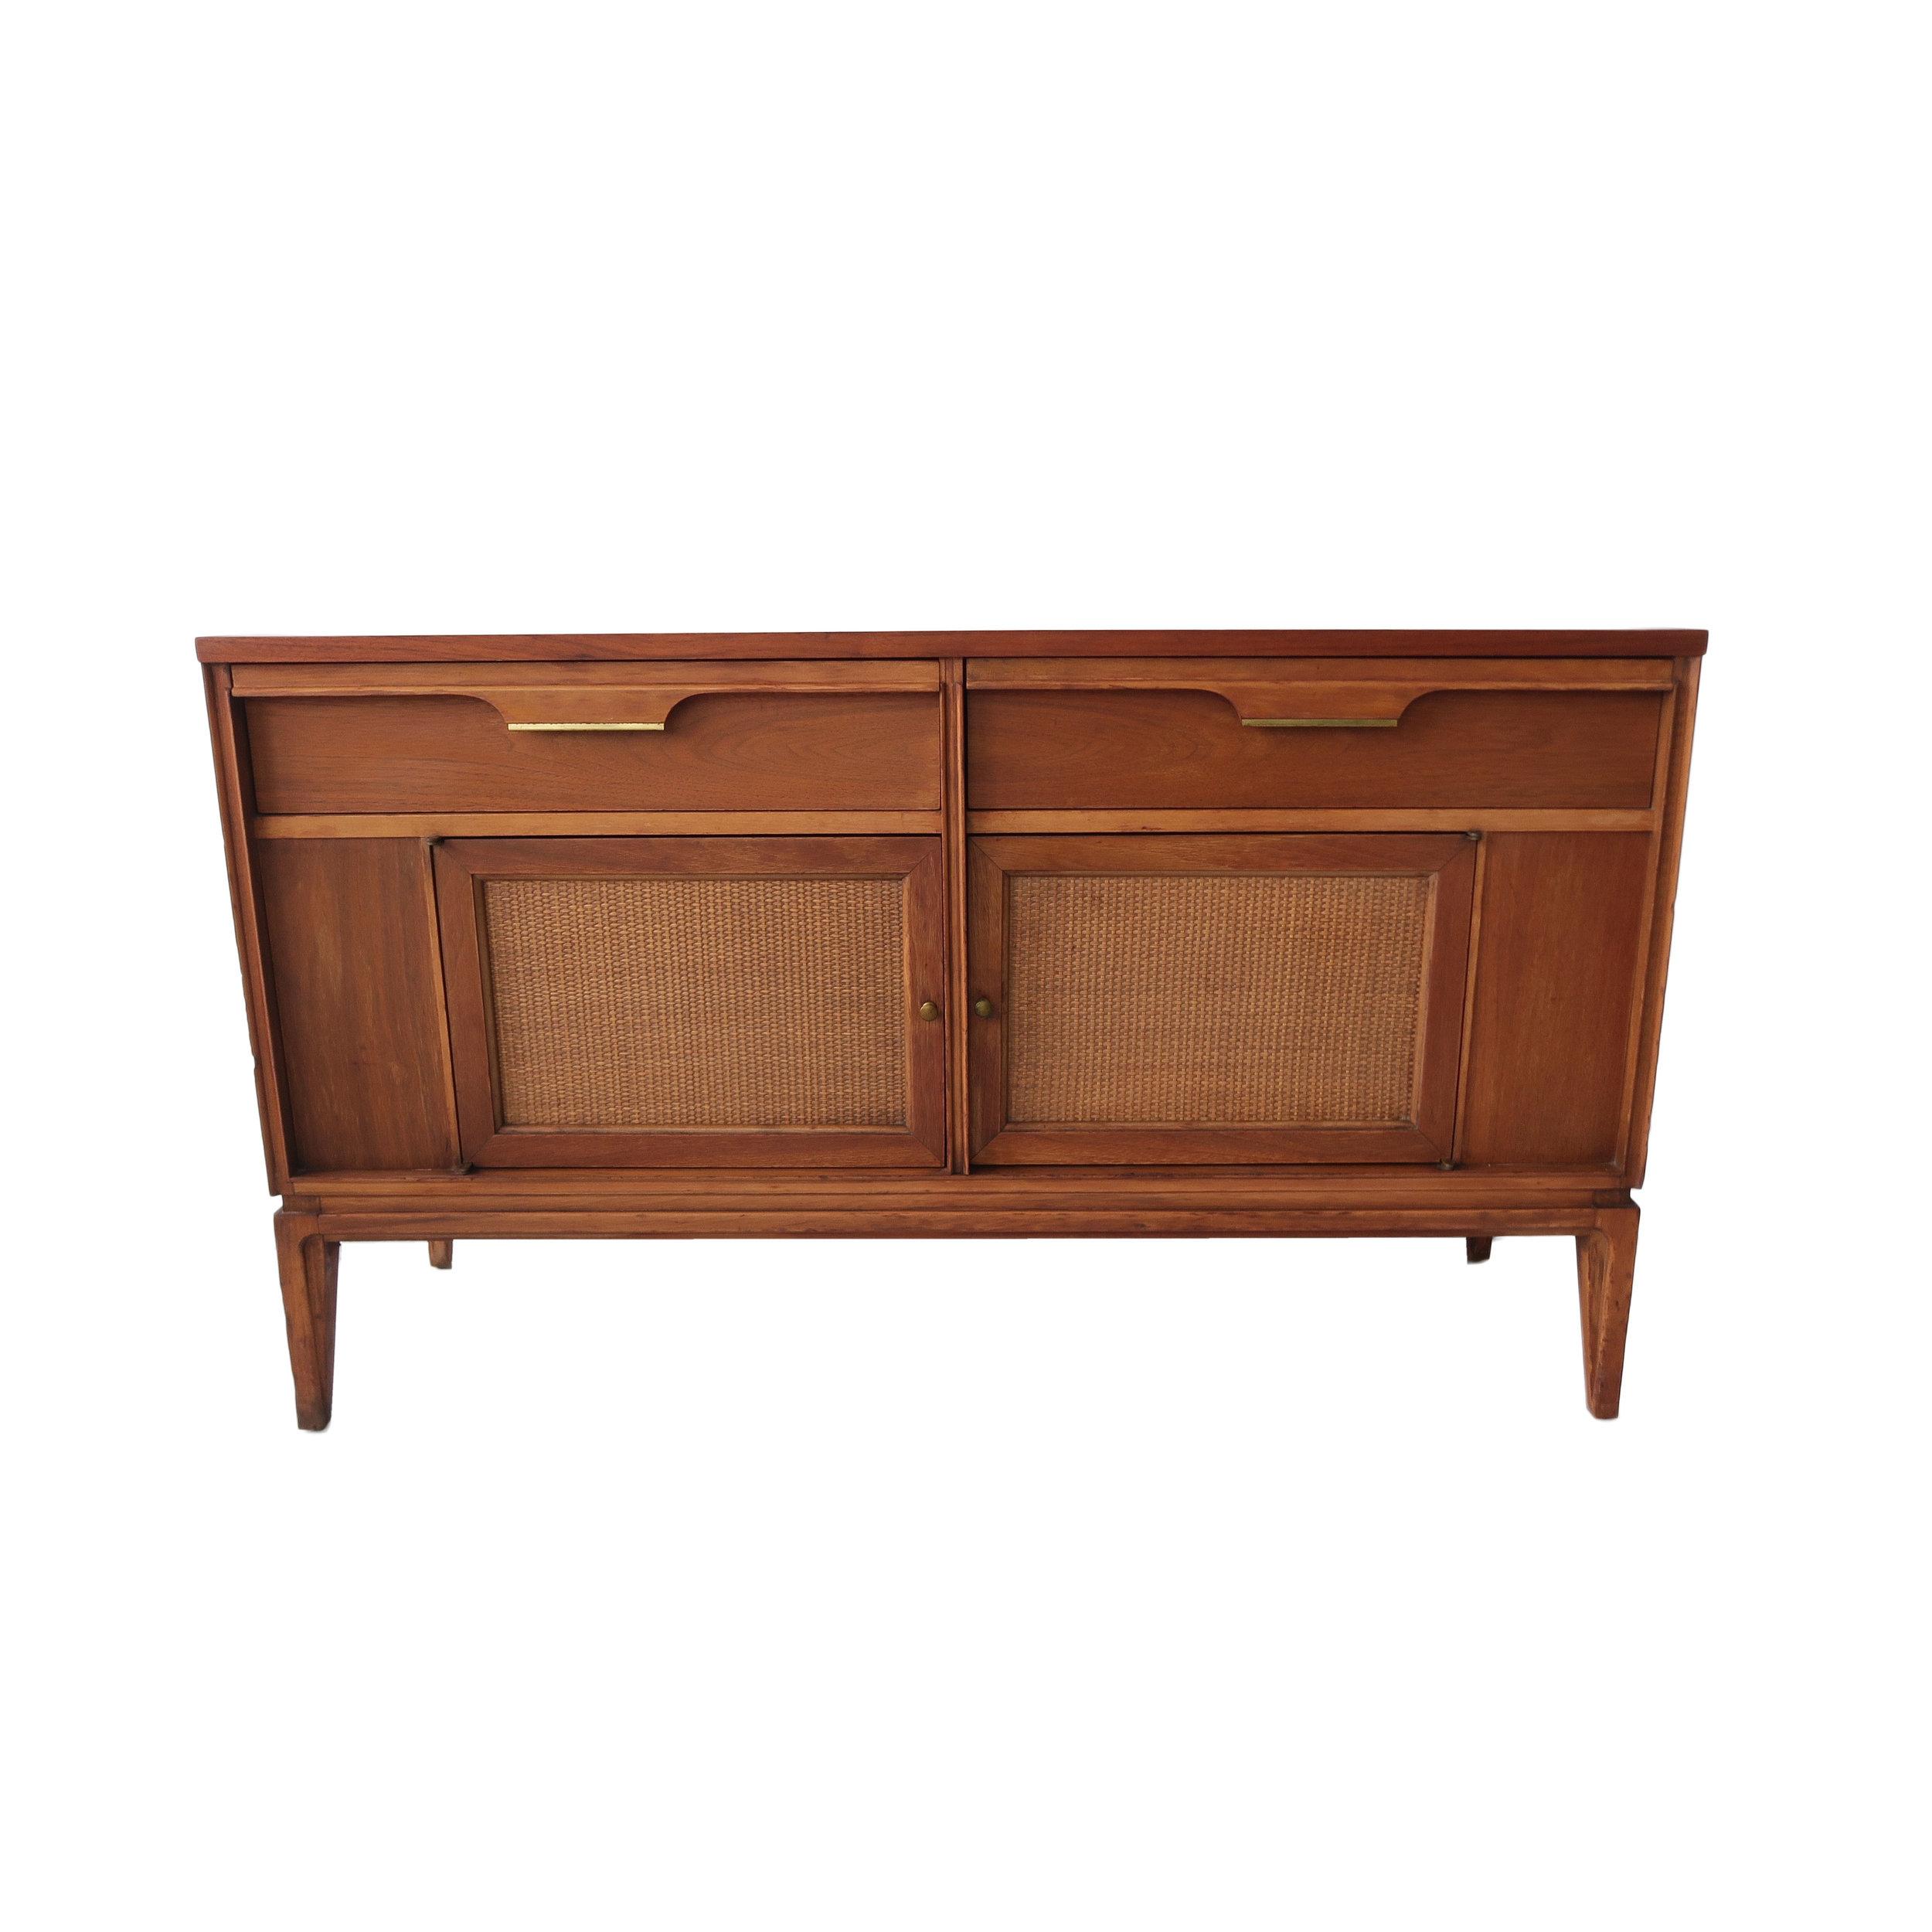 basic witz 6 drawer dresser.jpg